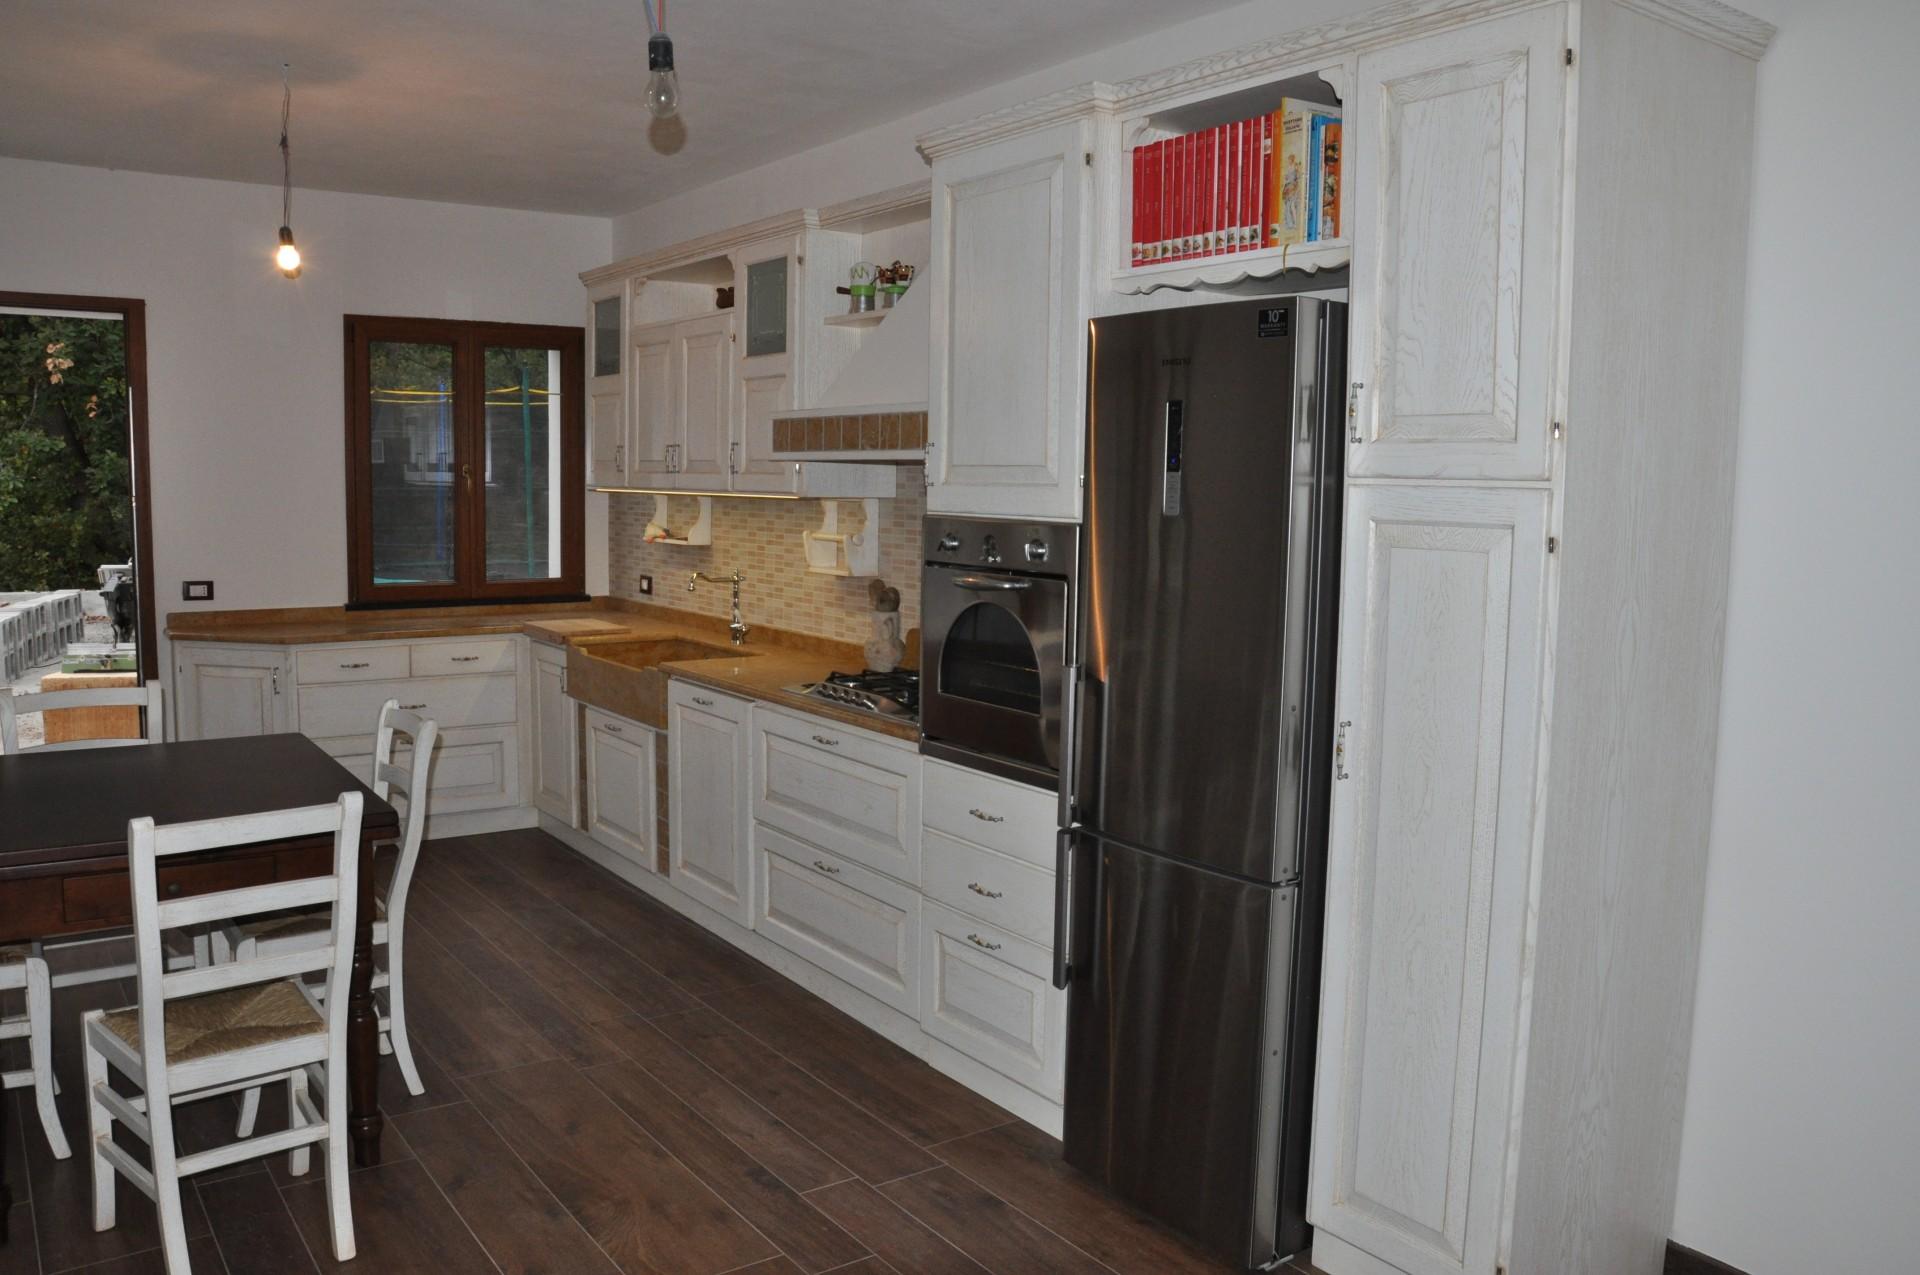 Cucina in legno laccato fadini mobili cerea verona - Cucine con dispensa ...